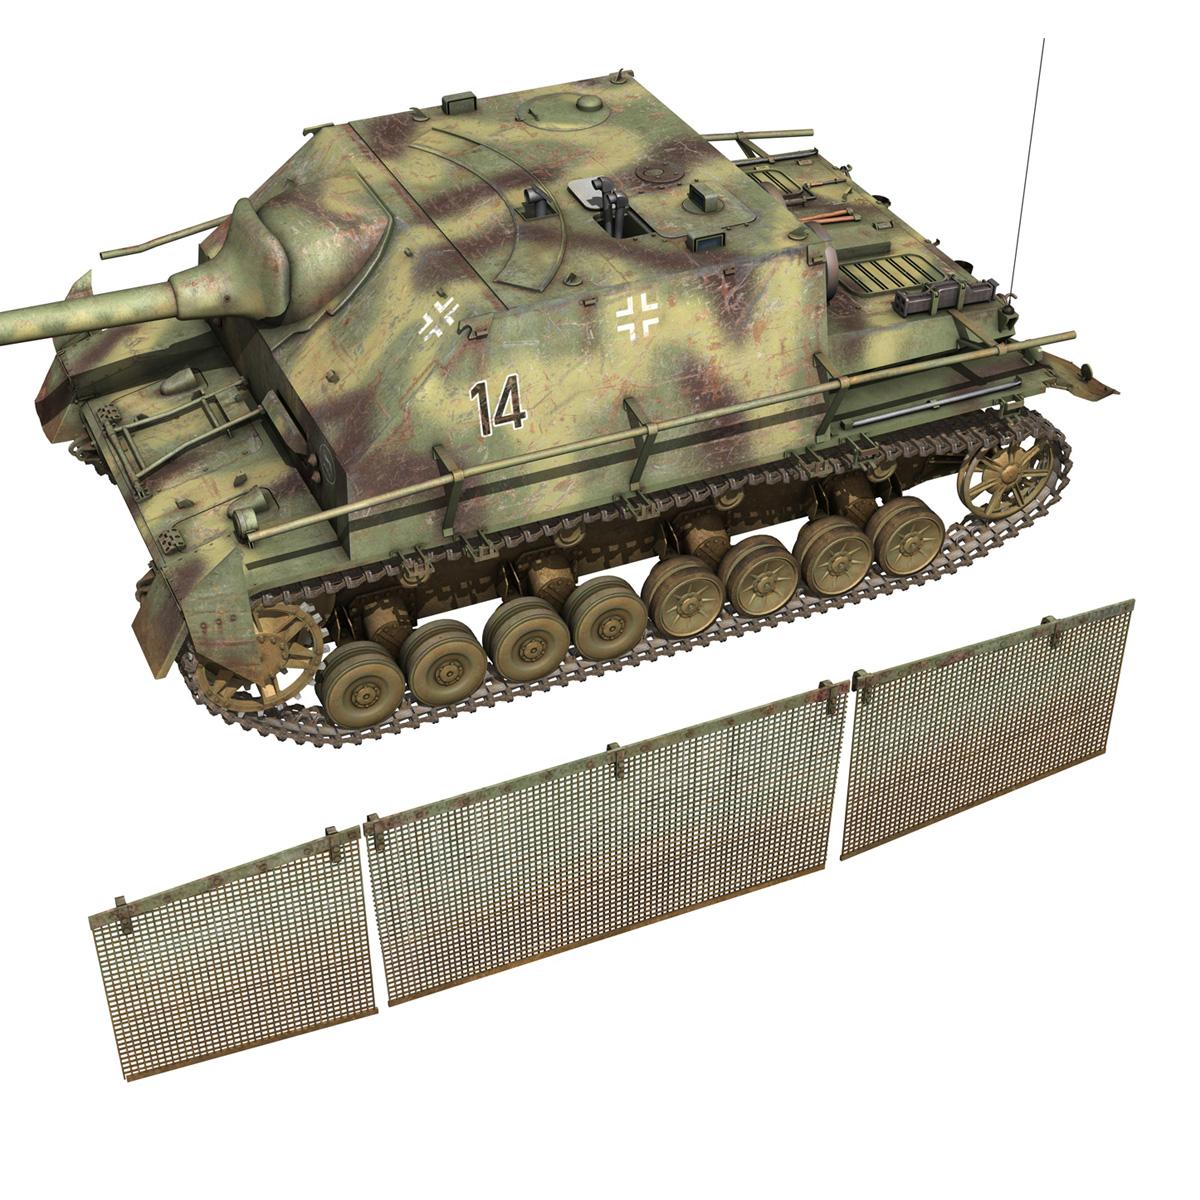 jagdpanzer iv l/70 (a) – 14 3d model 3ds fbx c4d lwo obj 282335